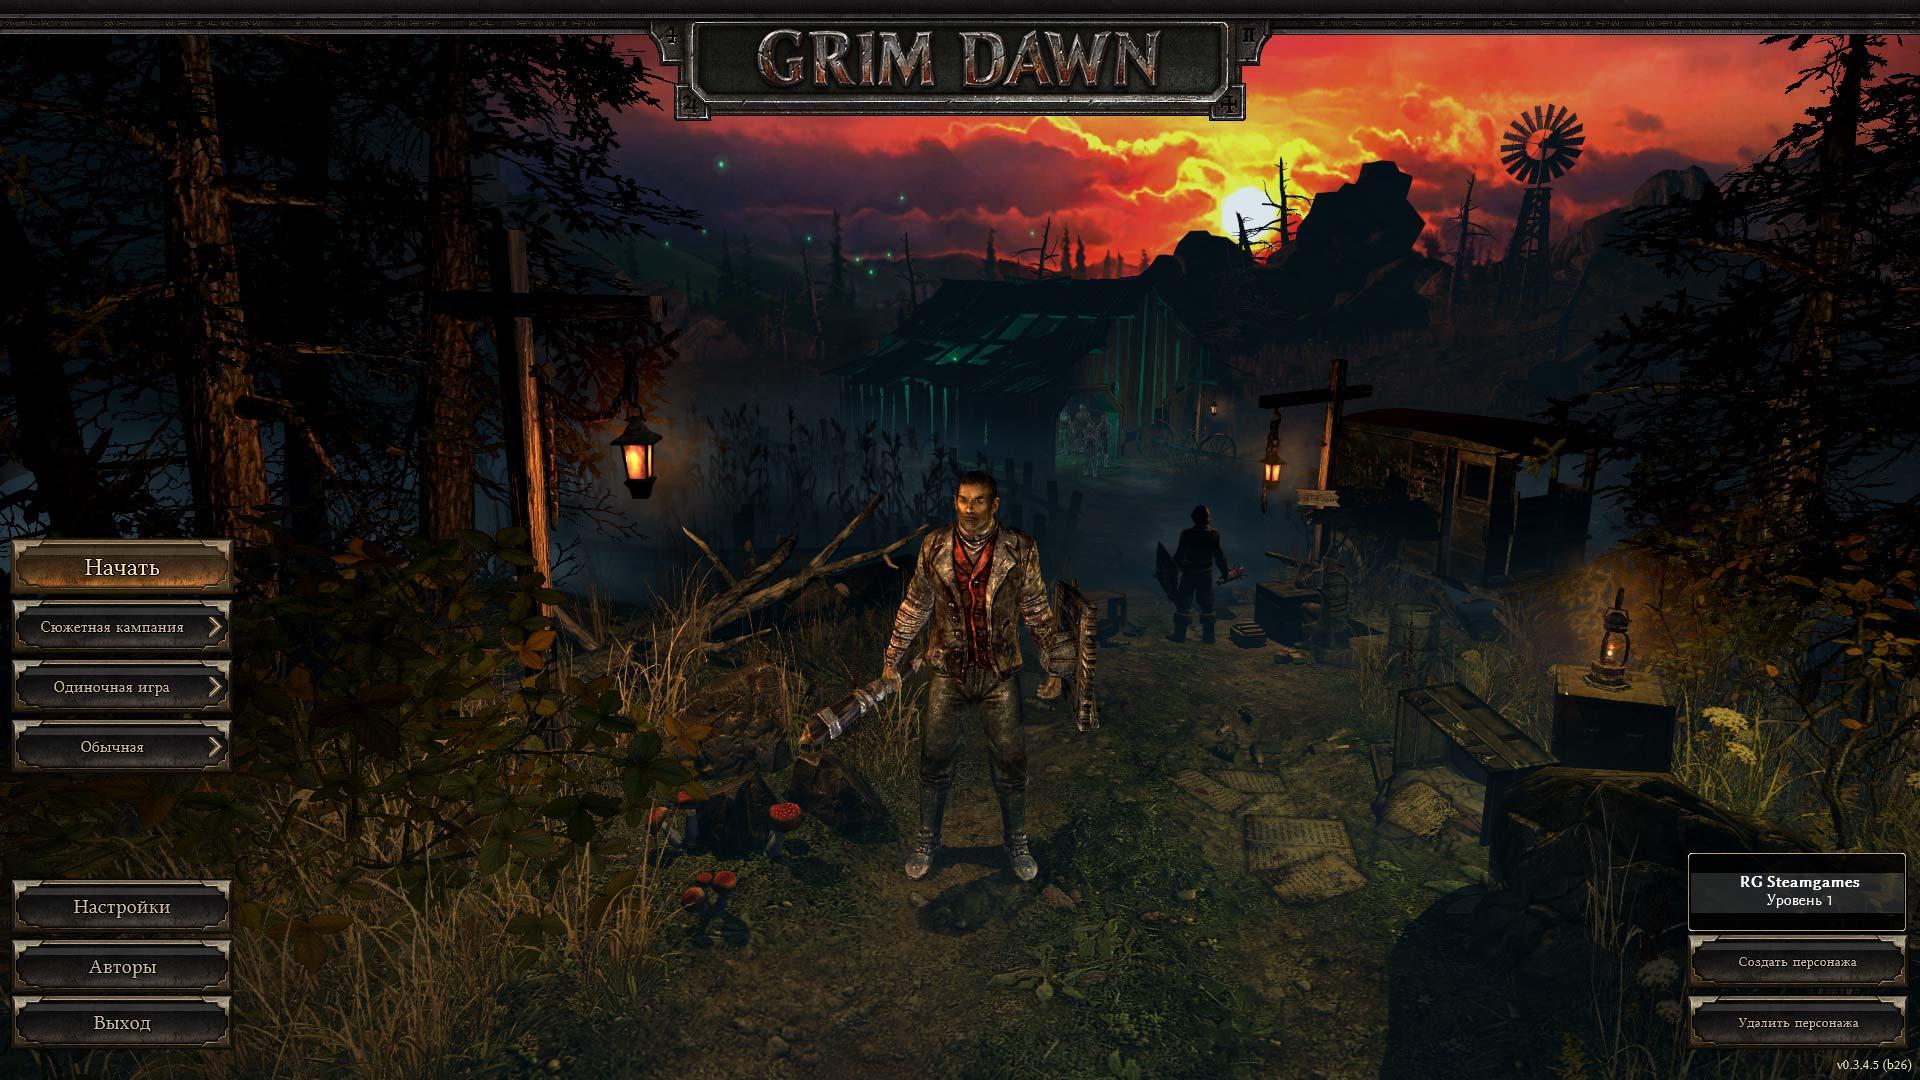 Скриншоты к Grim Dawn v1.0.6.0 на русском языке | Репак от xatab